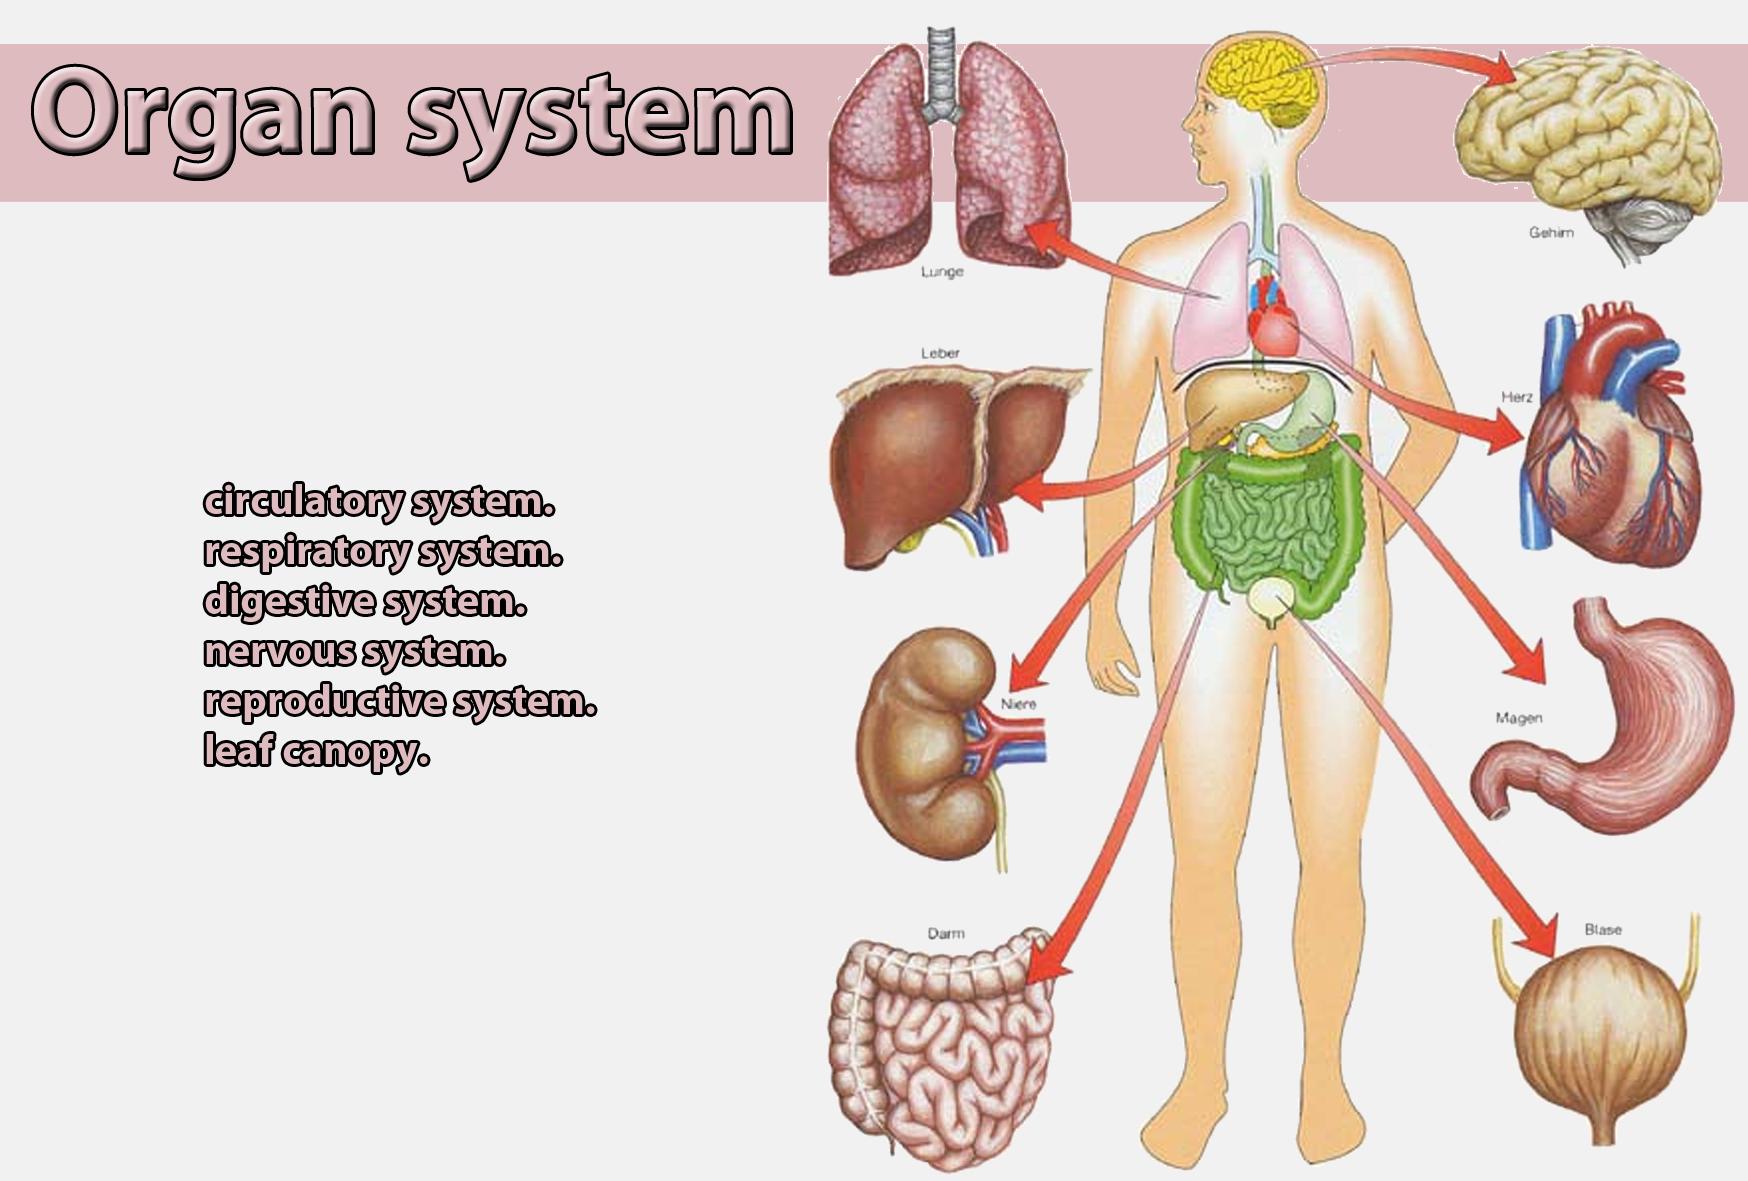 Ungewöhnlich Organsystem Picture Ideen - Menschliche Anatomie Bilder ...